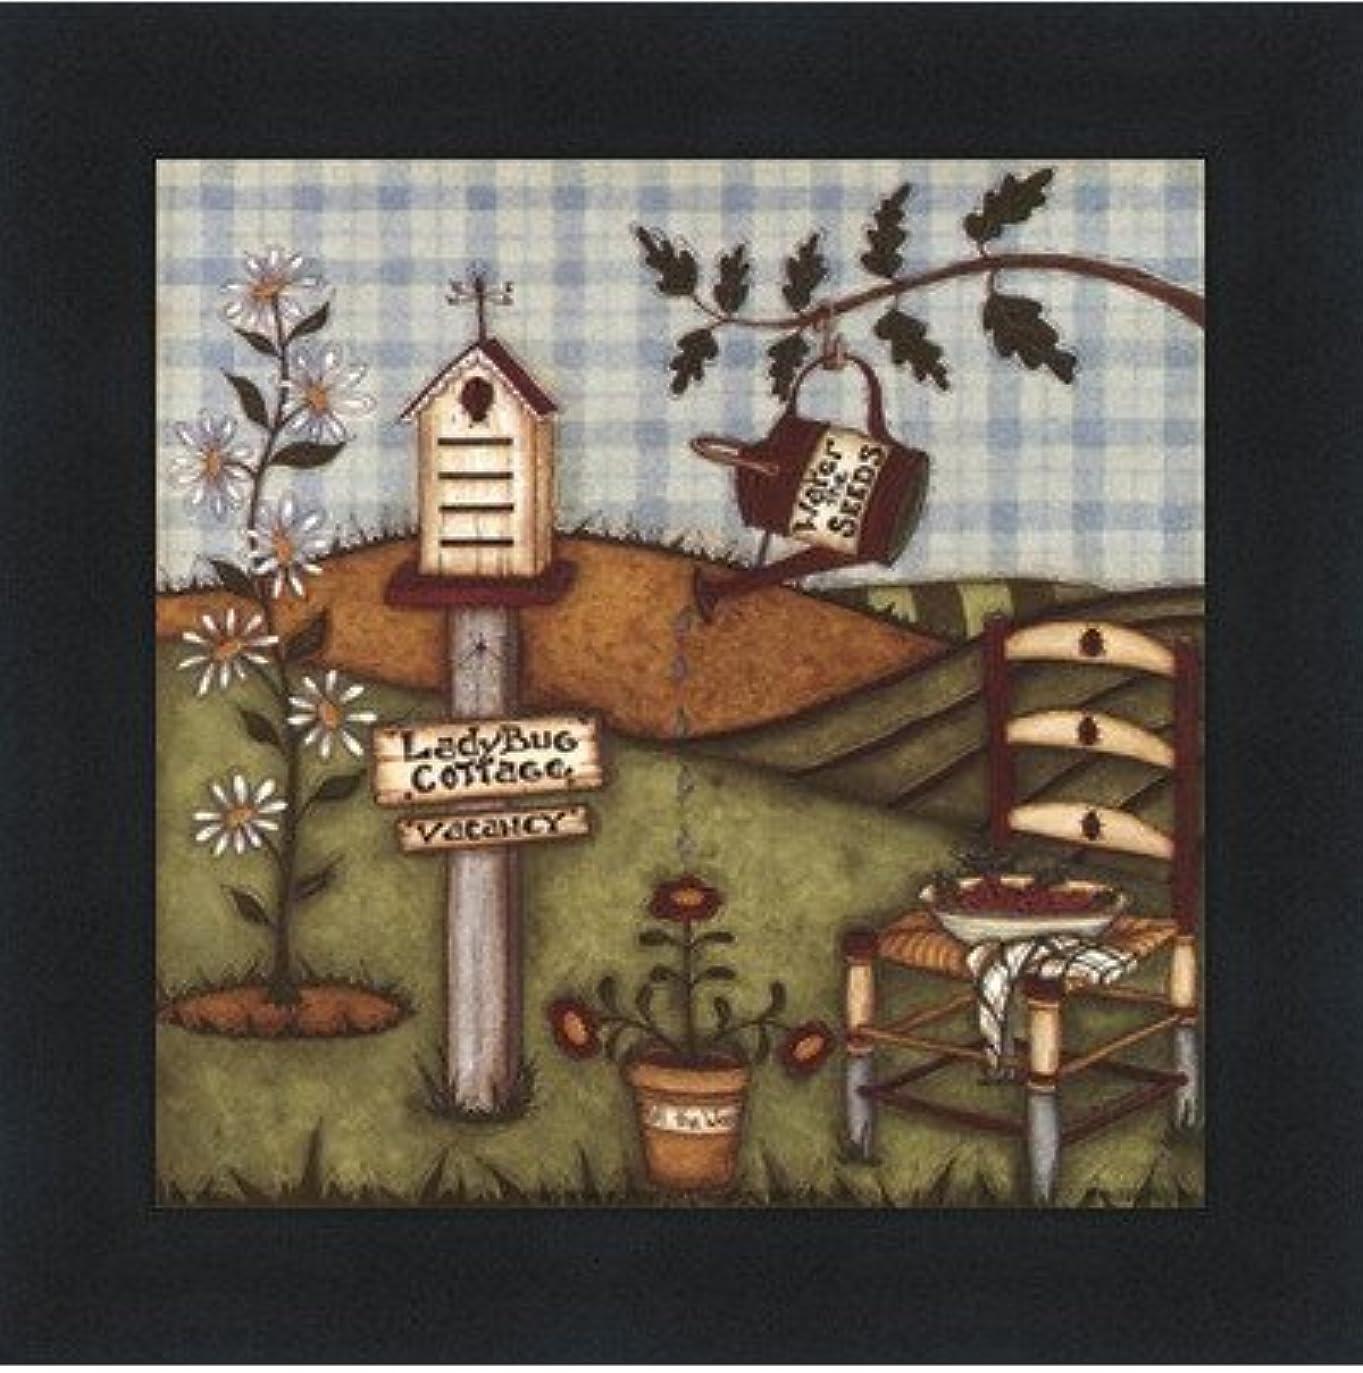 広まった歩道震えてんとう虫Cottage by Robin Betterly – 5 x 5インチ – アートプリントポスター LE_416274-F101-5x5